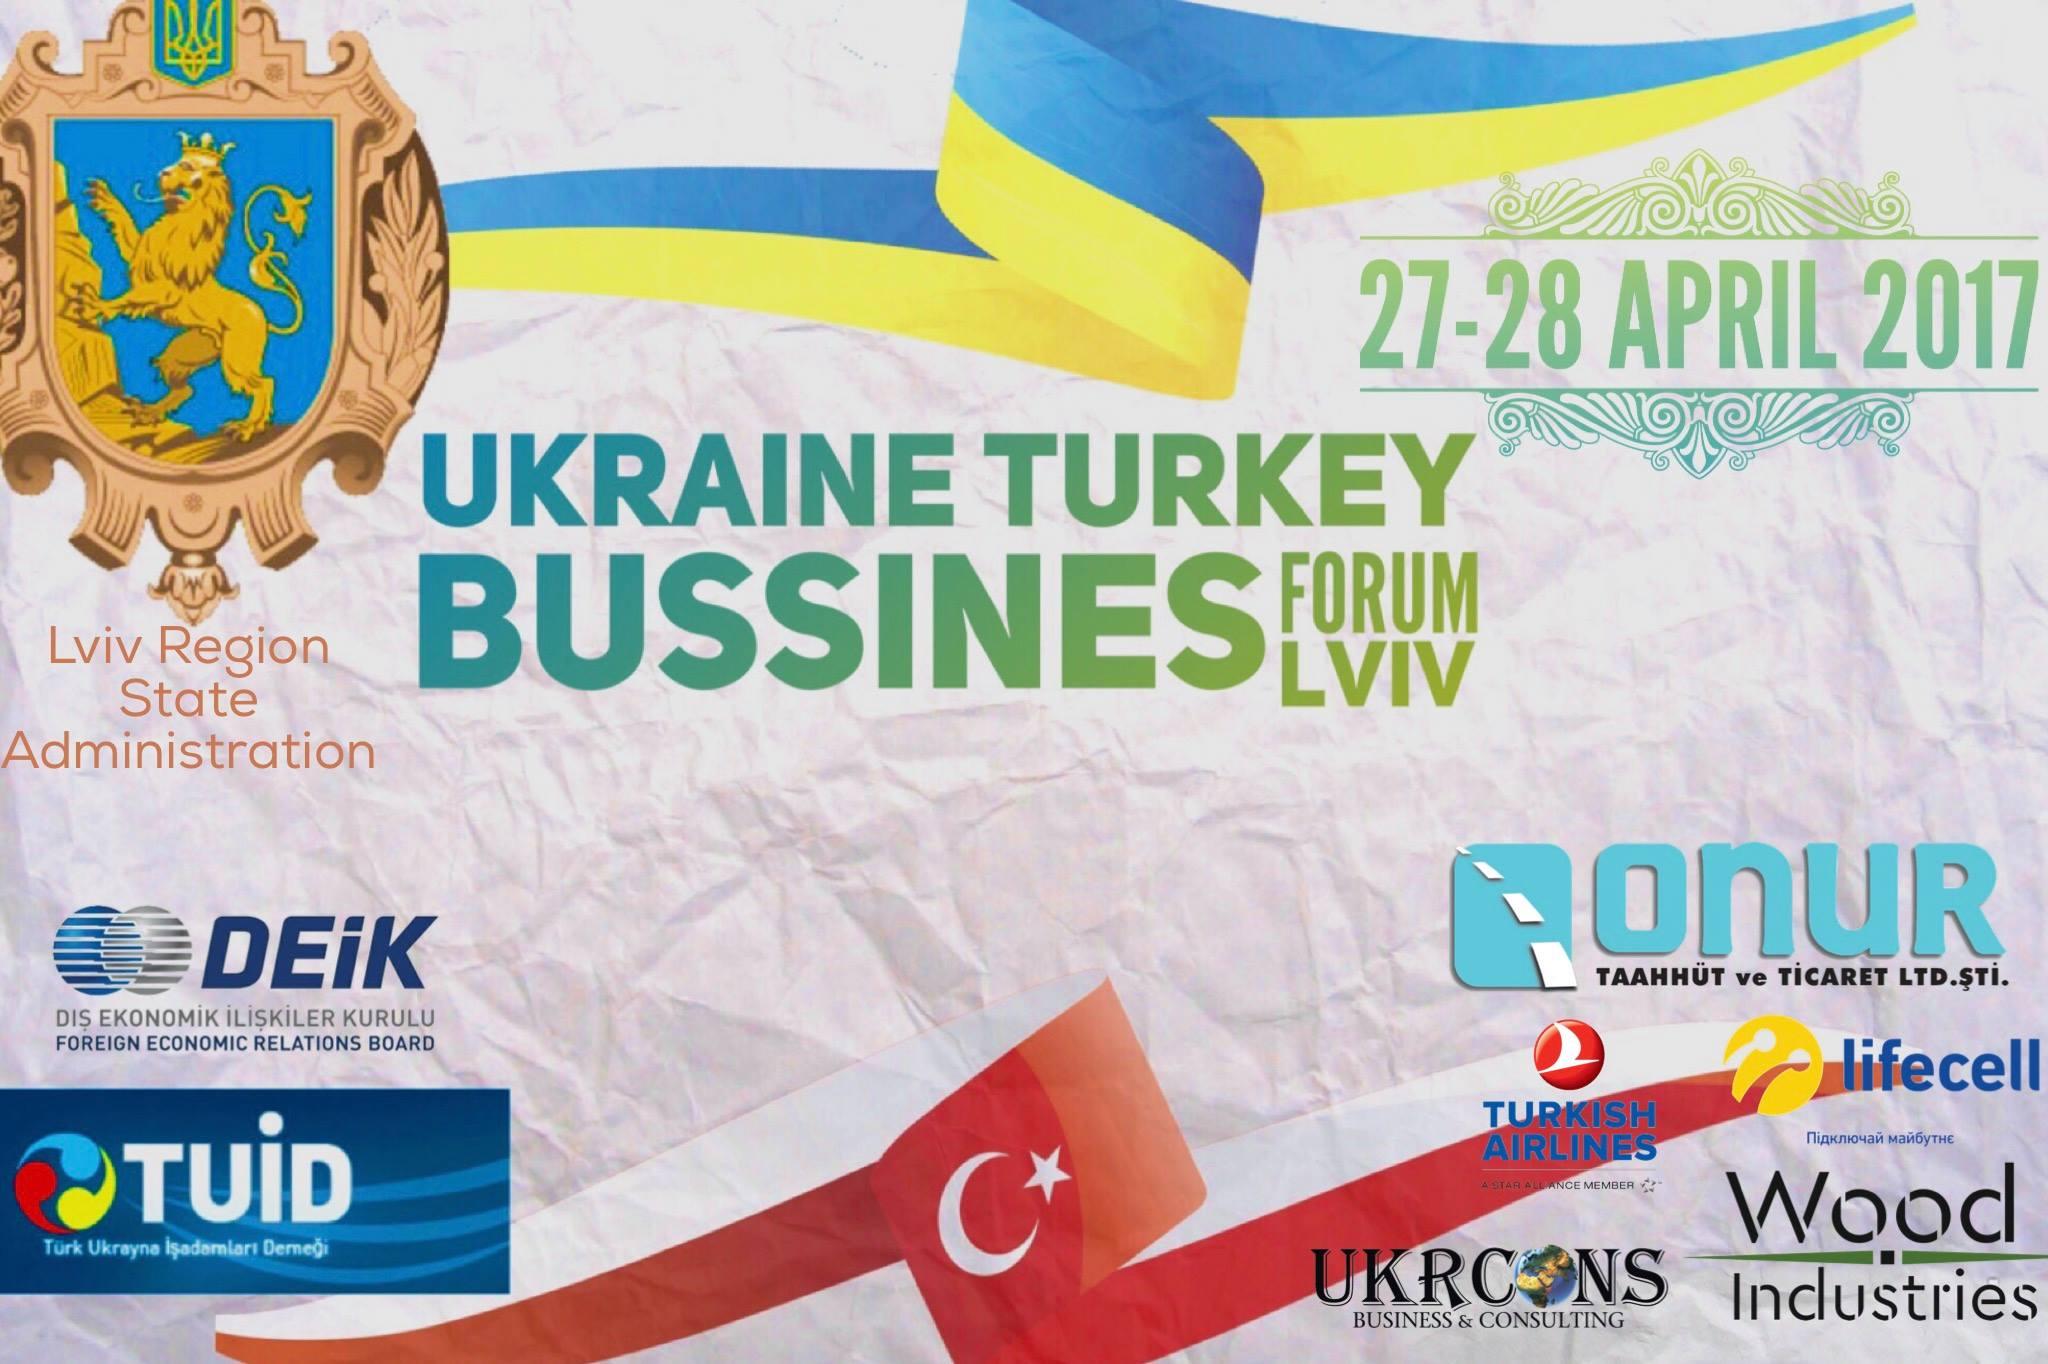 Lviv Türkiye Ukrayna iş Formu, Lviv Türkiye iş formu, Lviv tuid, lviv deik, Lviv Haber, Lviv, Lviv iş toplantıları, Lviv iş seminerleri, Burak Pehlivan